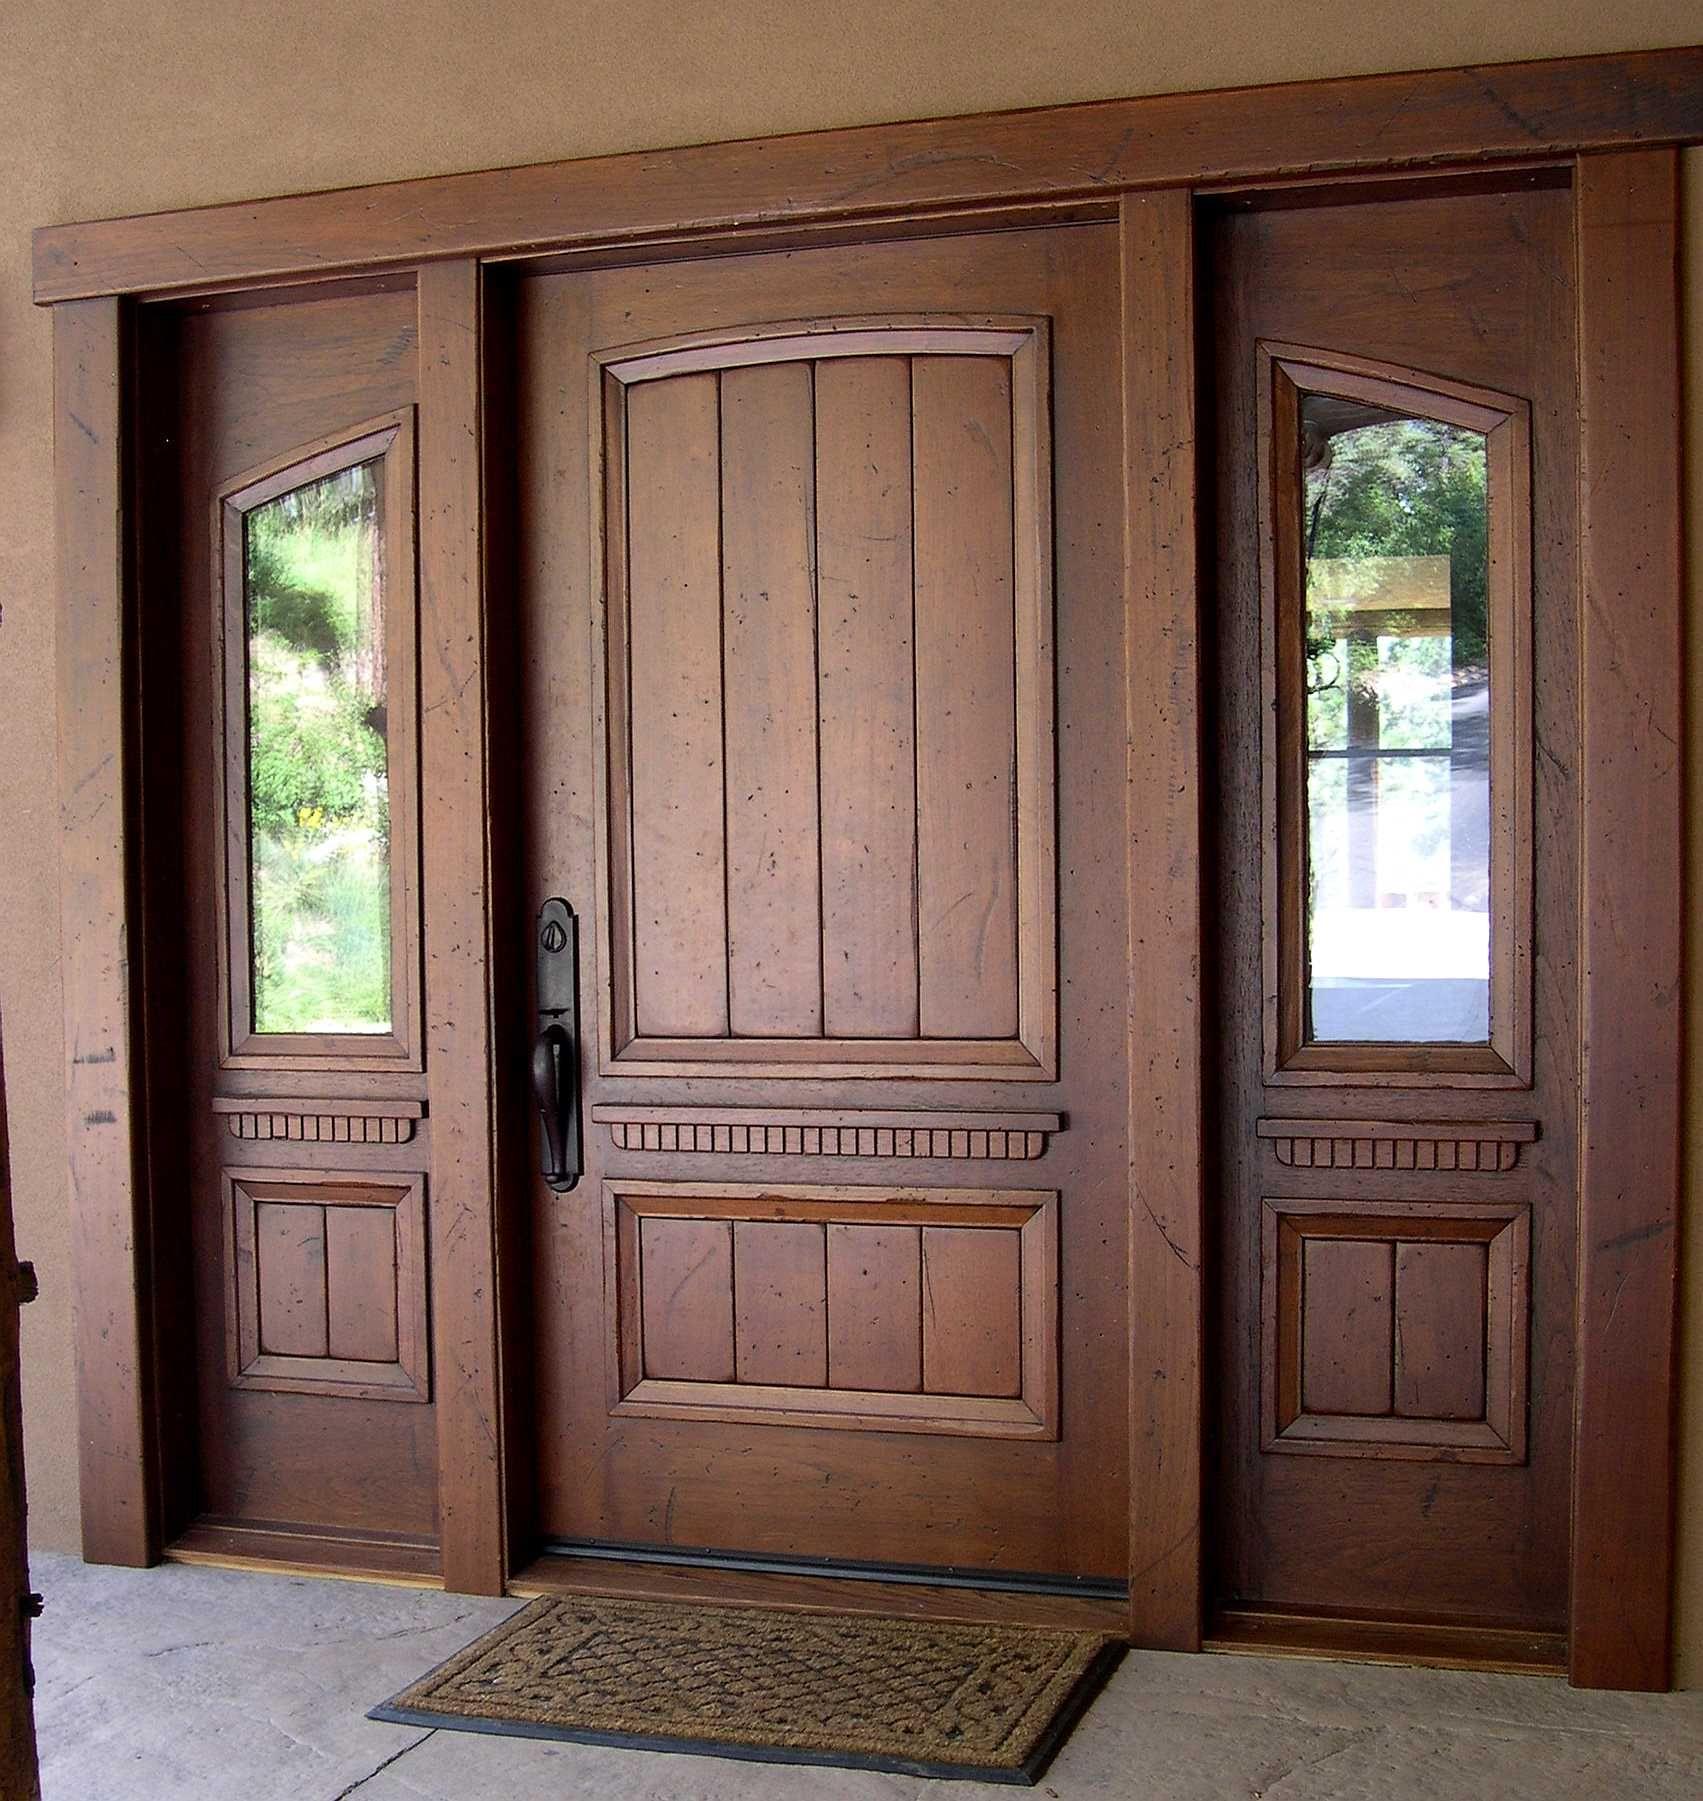 Pin de prasad tupili en home decor pinterest puertas for Puertas principales de madera rusticas